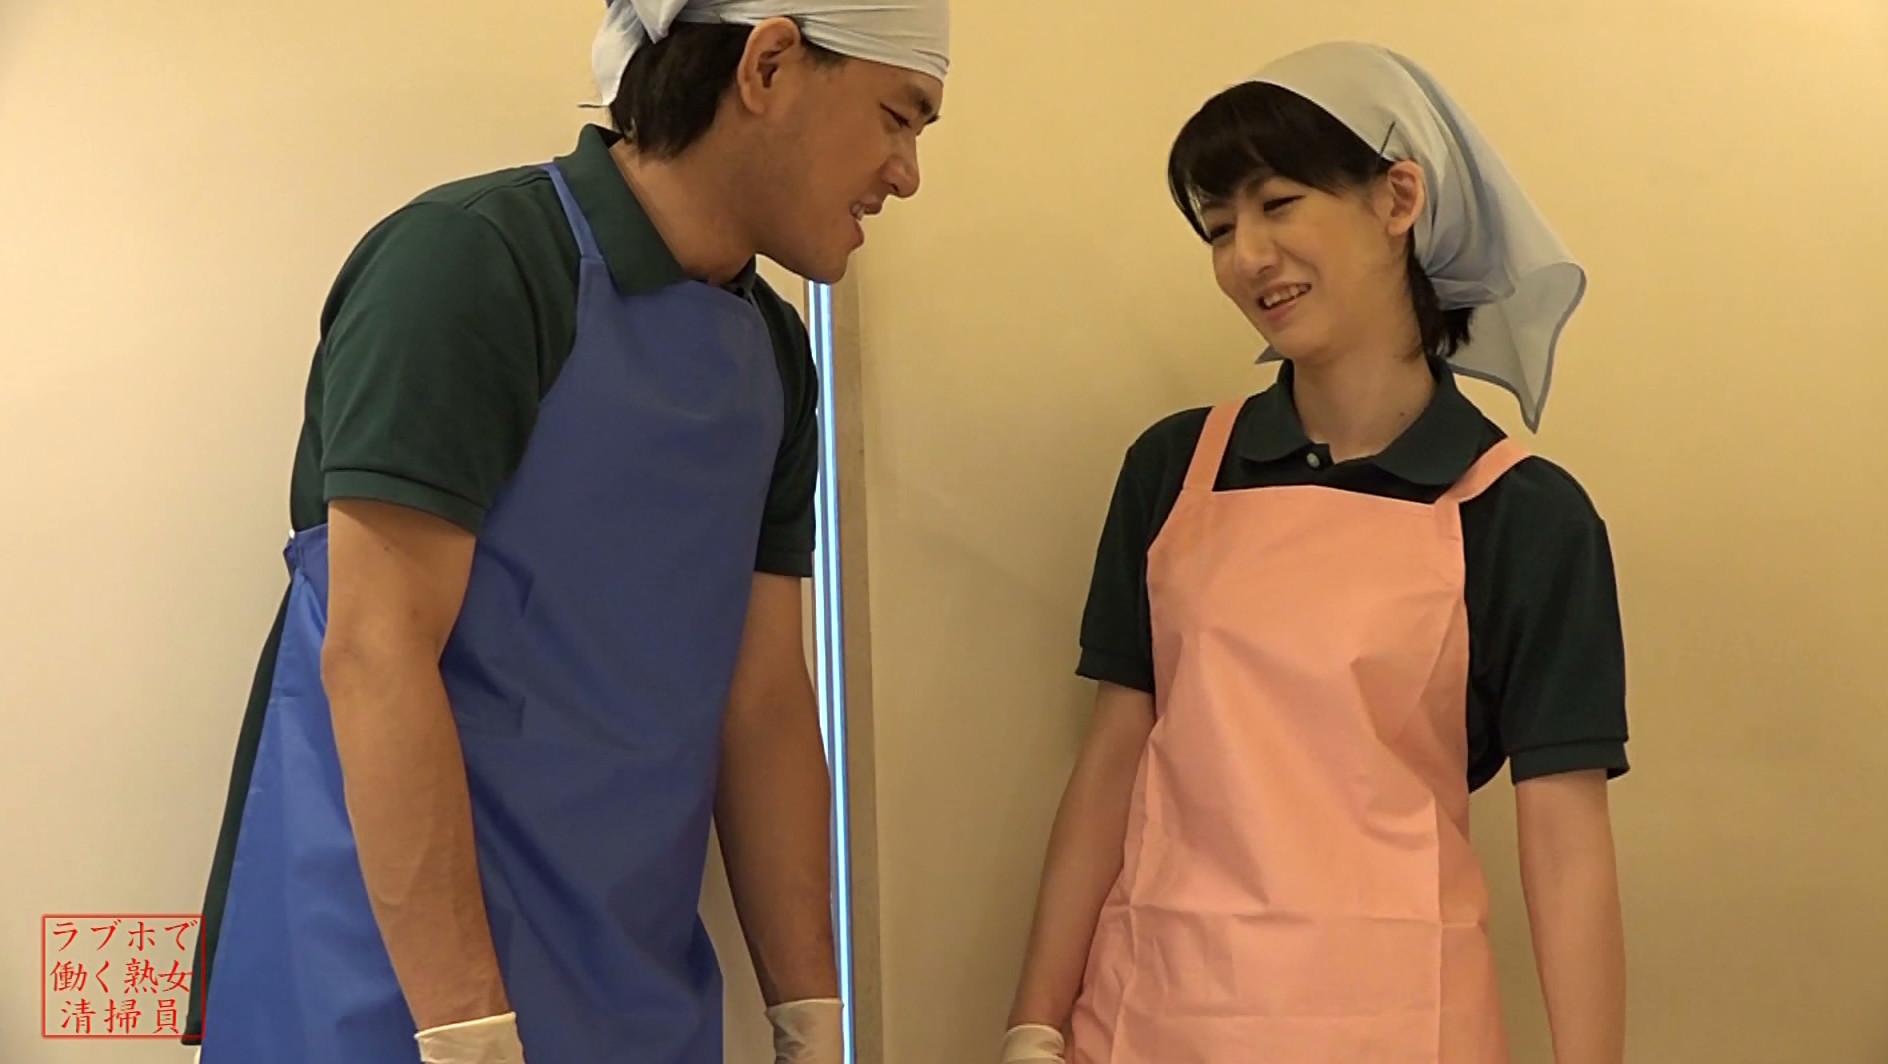 ラブホテルで働くワケあり美熟女清掃員~ここでバイトしたら一発ヤラせてくれるかな?,のサンプル画像1